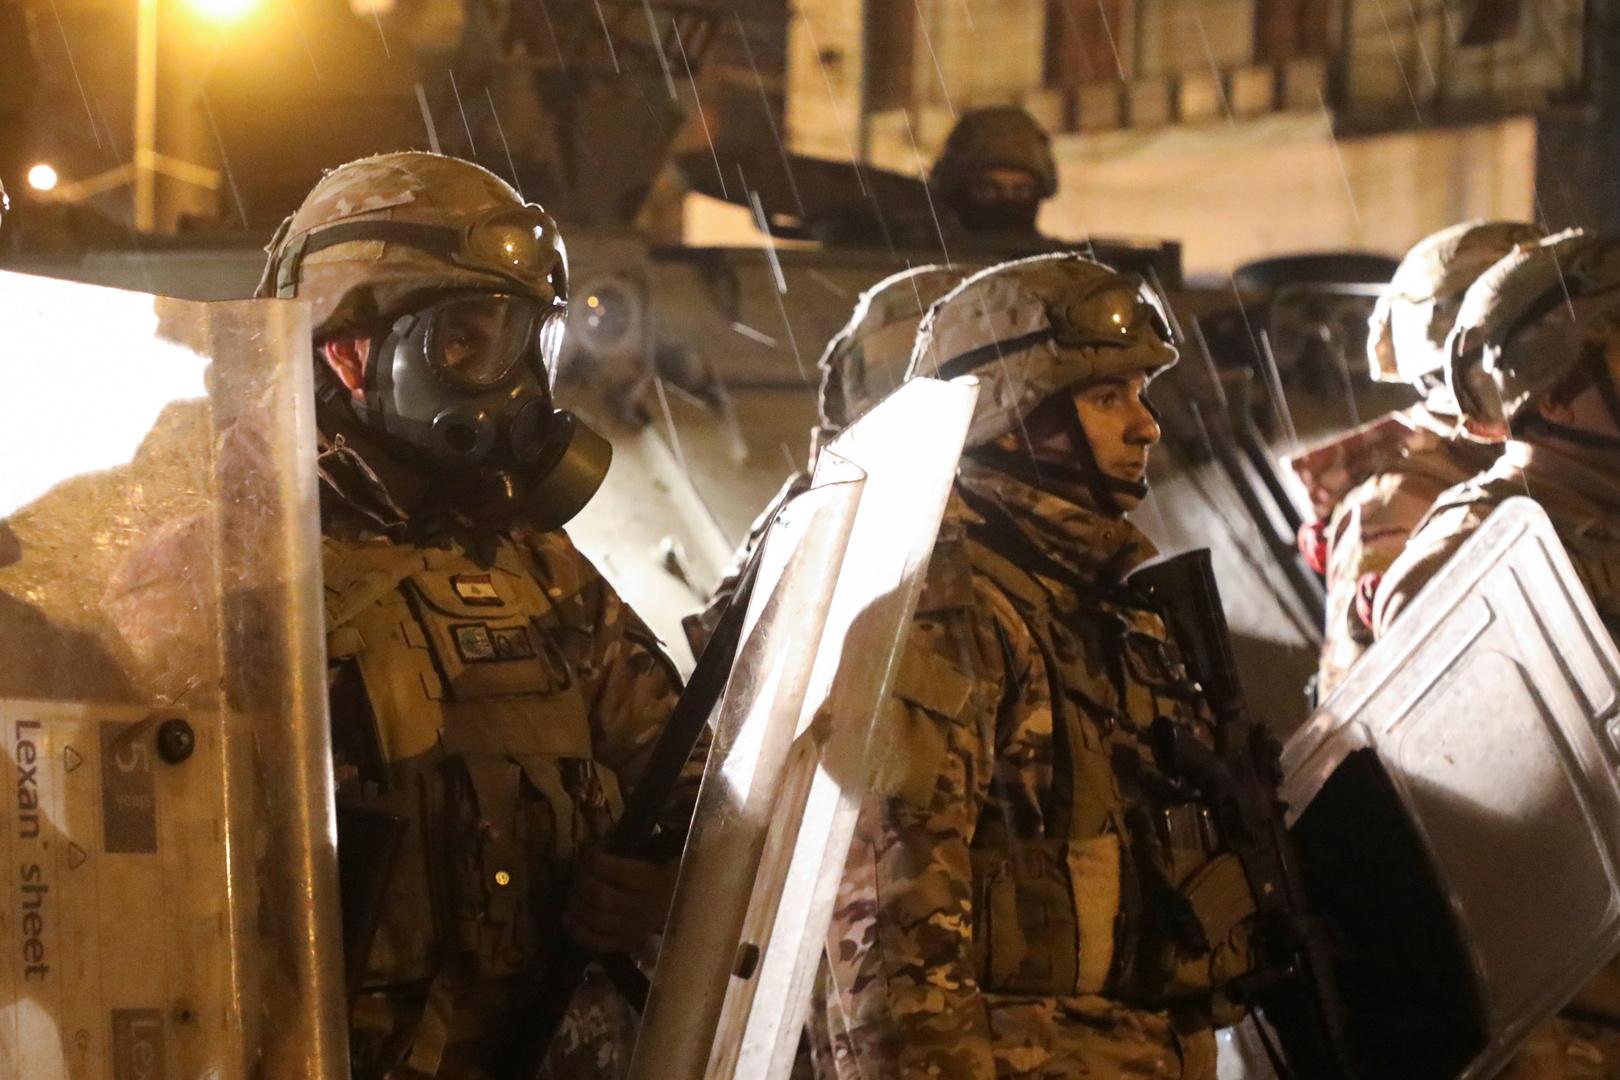 بالفيديو.. اشتباكات عنيفة بين الجيش اللبناني ومطلوبين